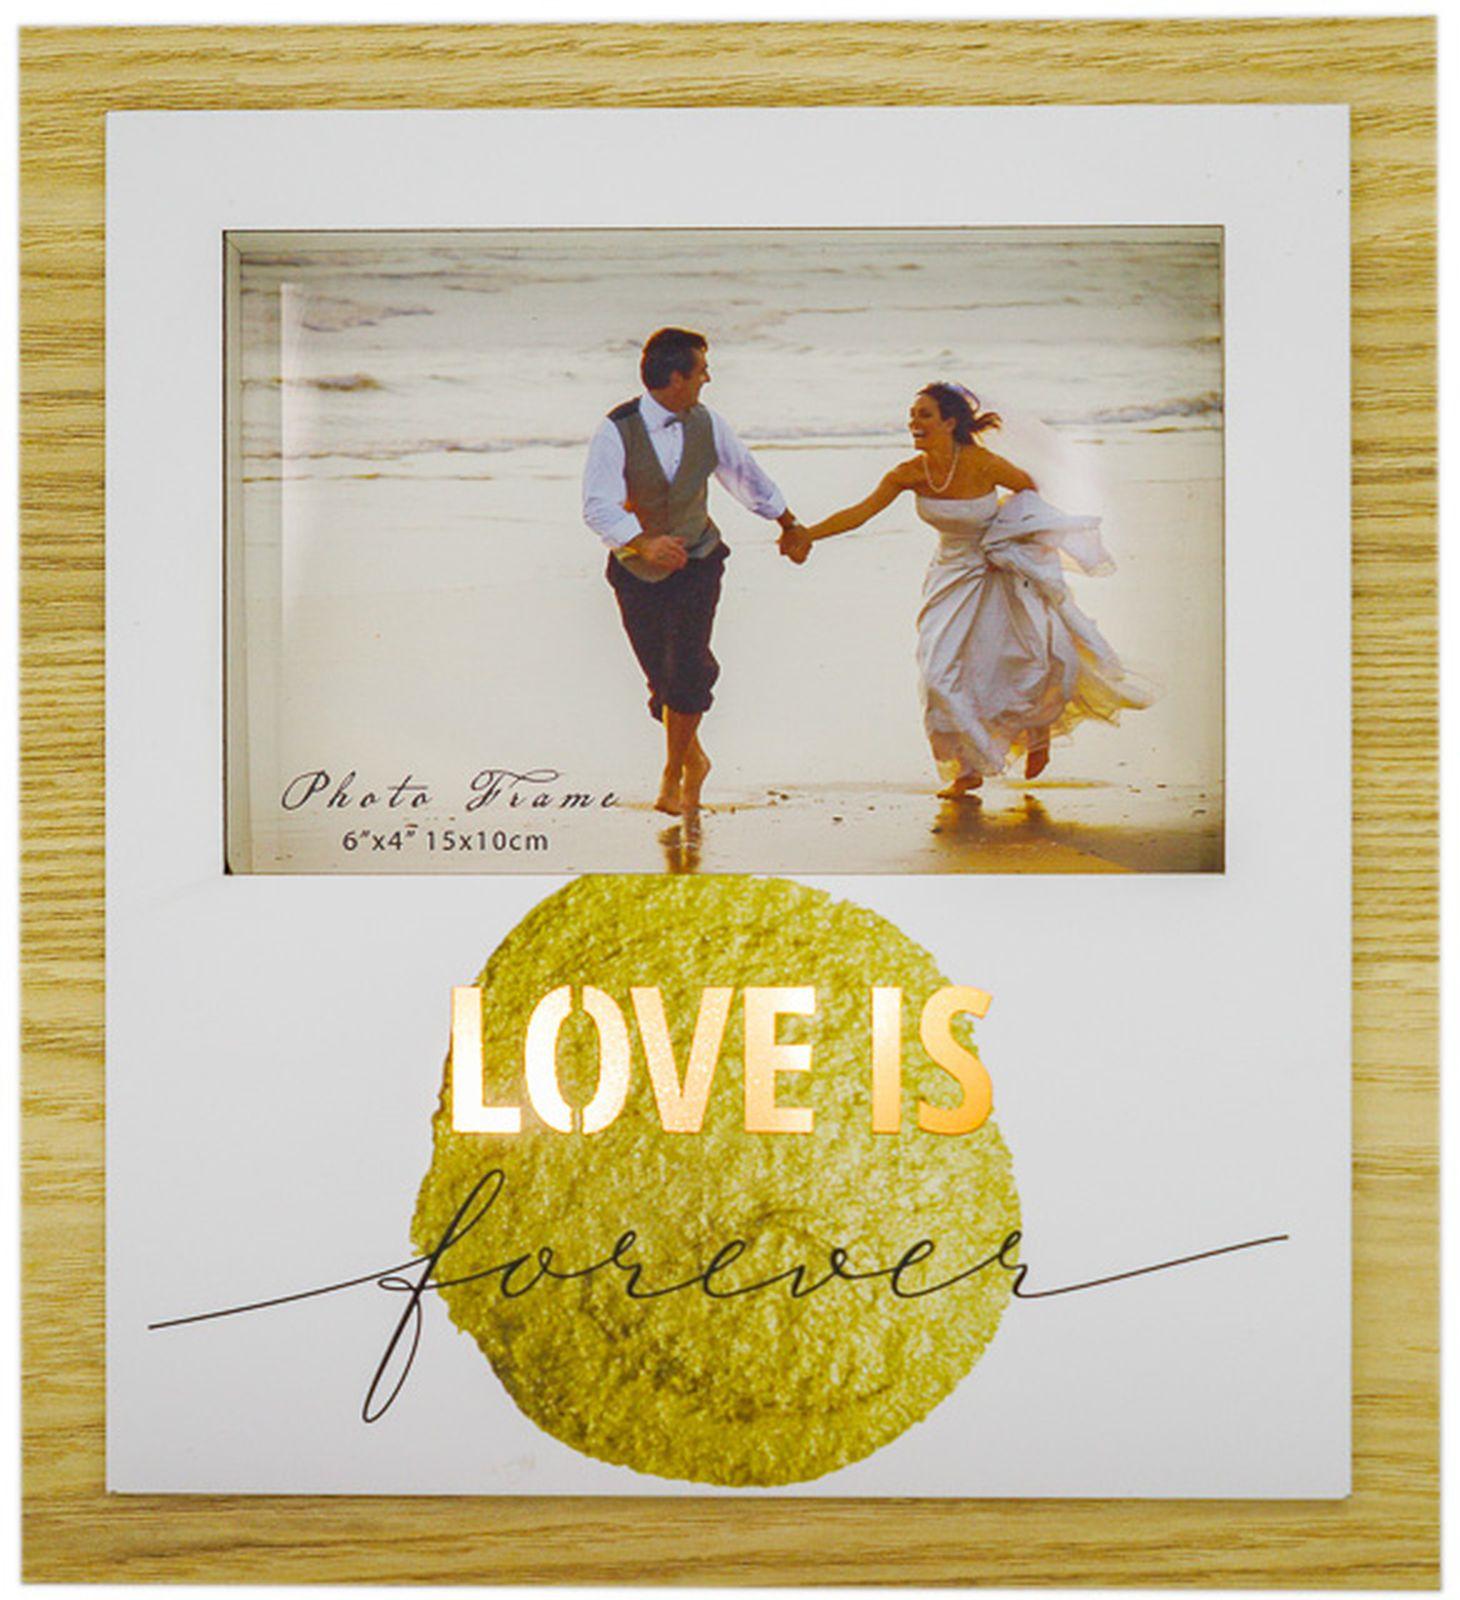 Фоторамка Fotografia Love Is..., FFL - 836, с подсветкой, для фото 10 х 15 см, 22 х 3 х 20 см